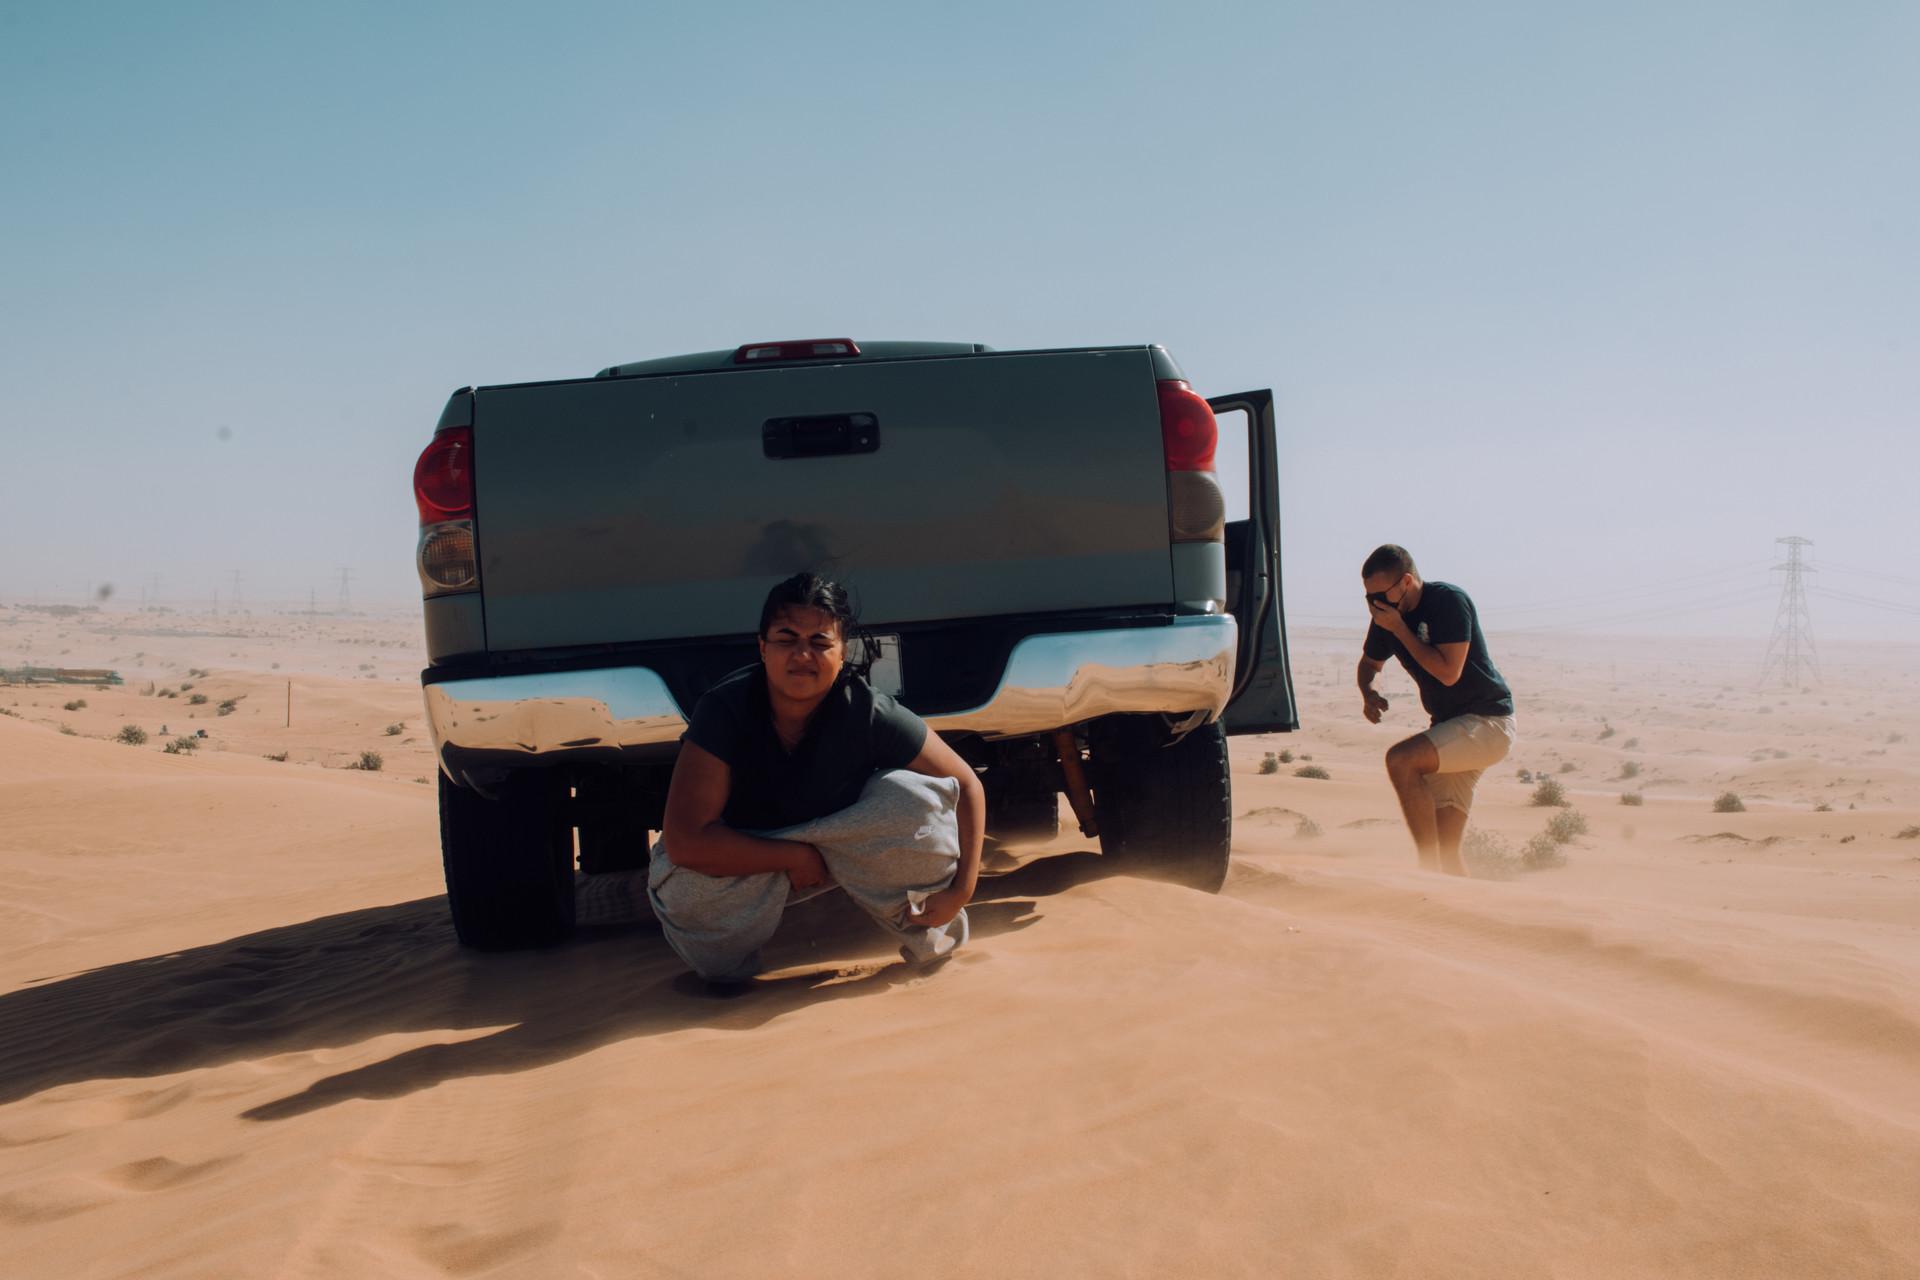 Pitstop, al Fayya desert.